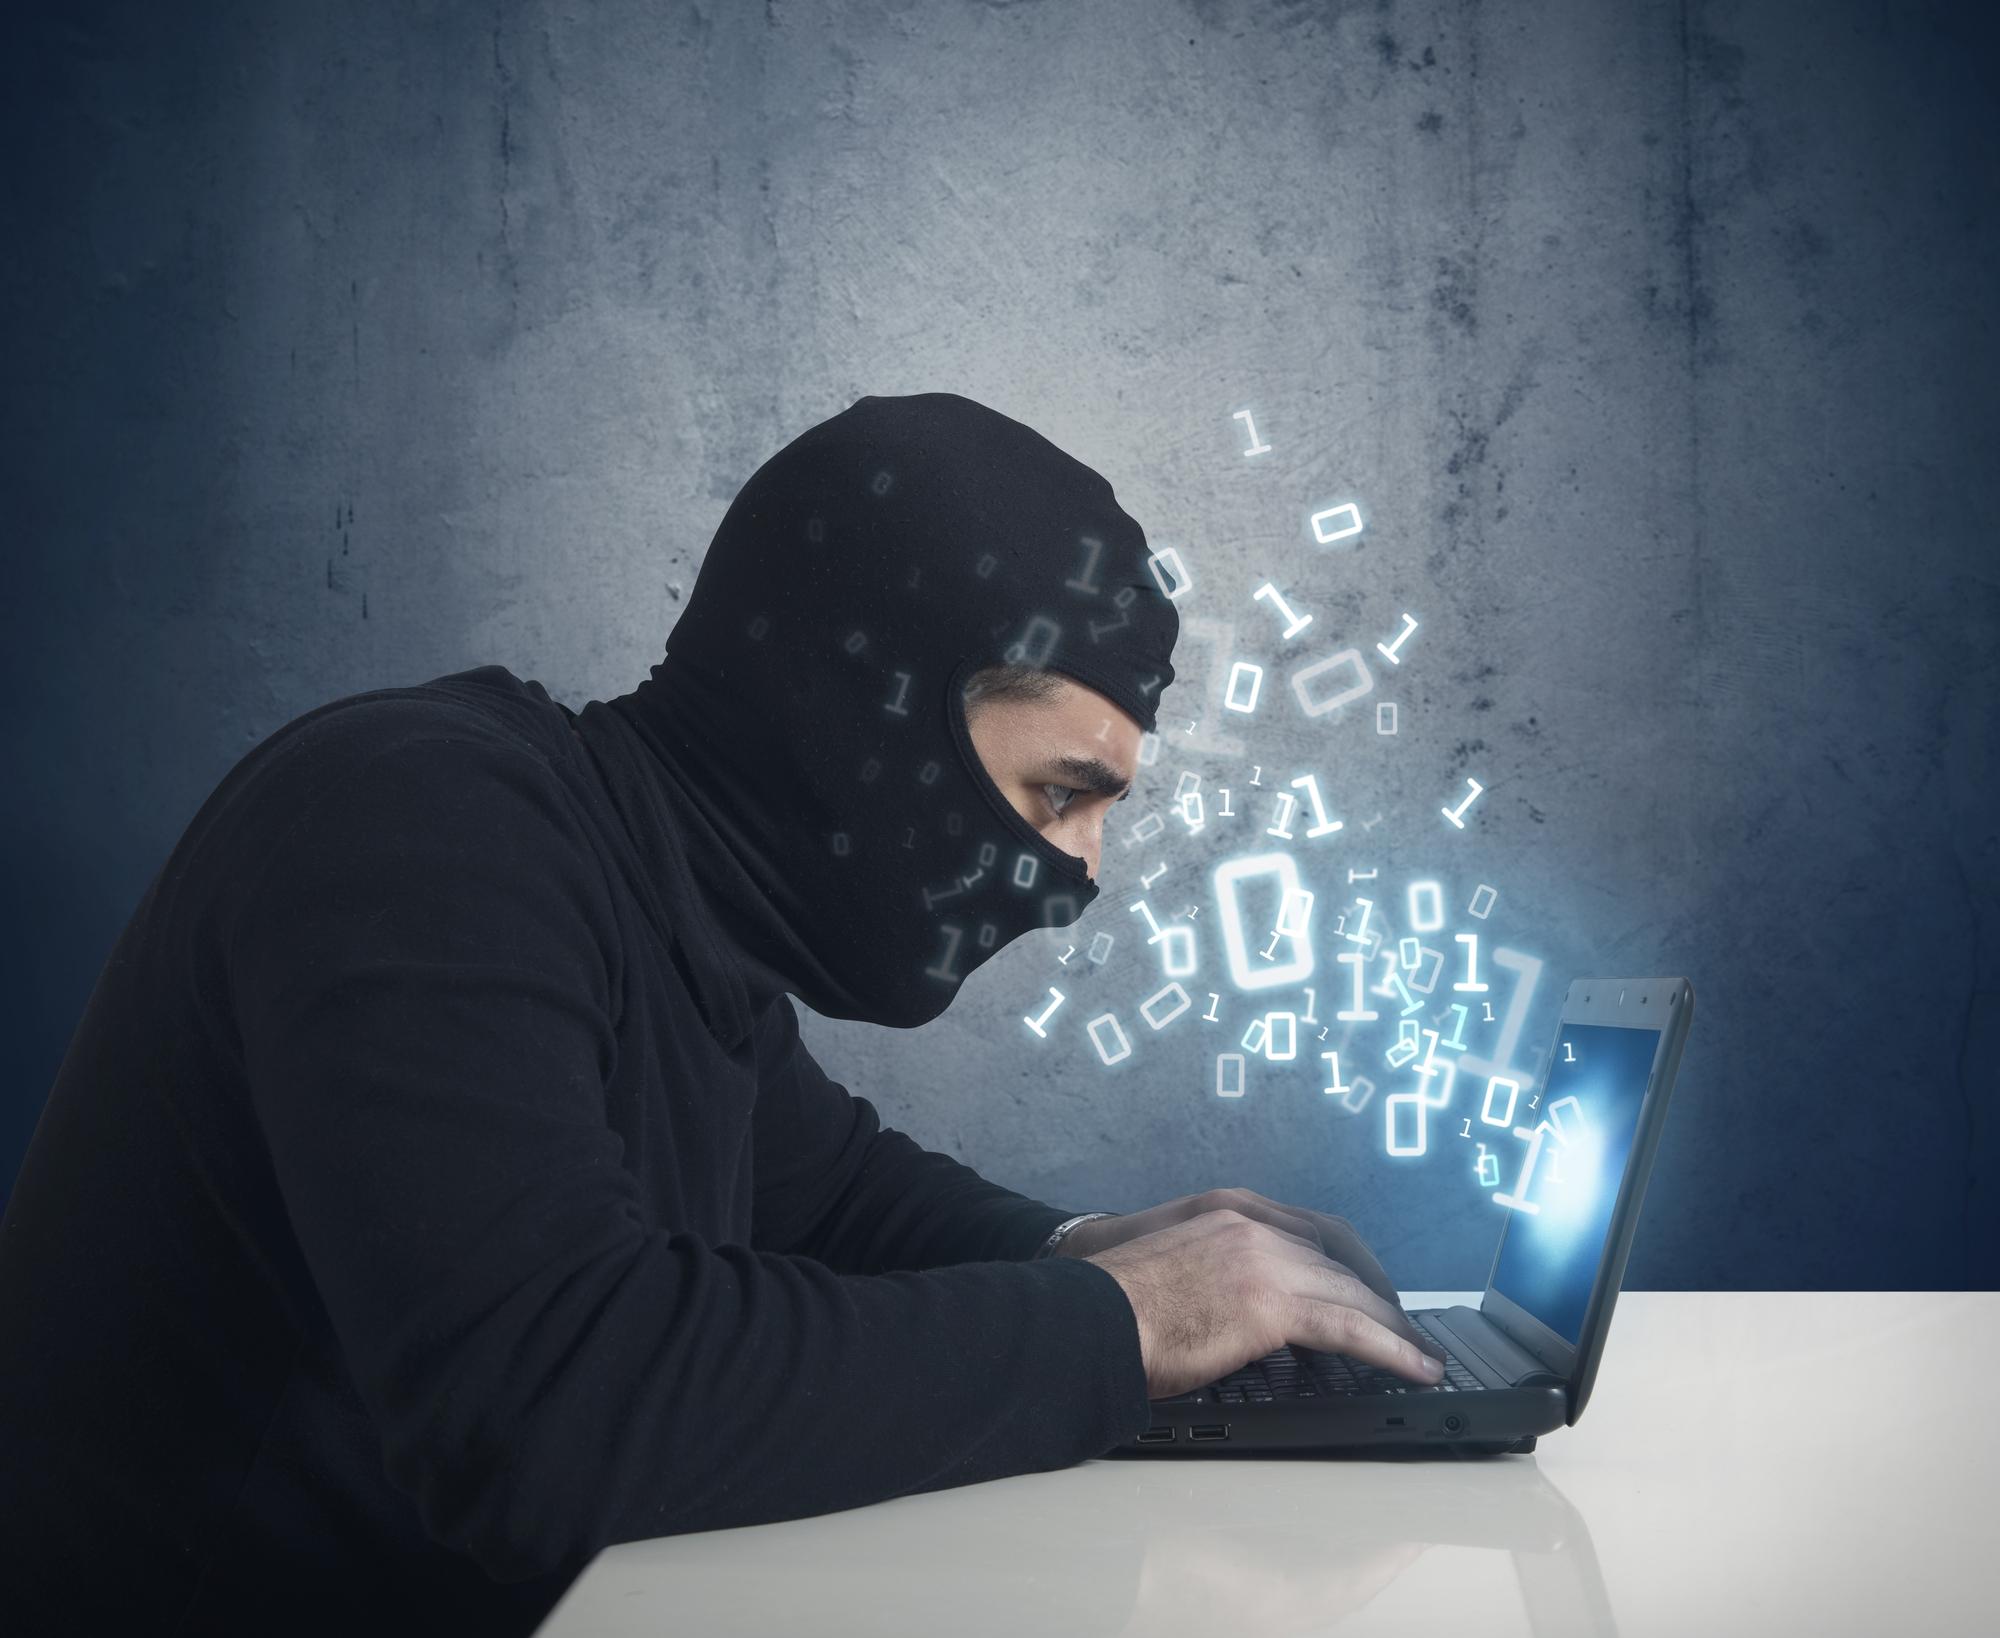 Identiteitsfraude